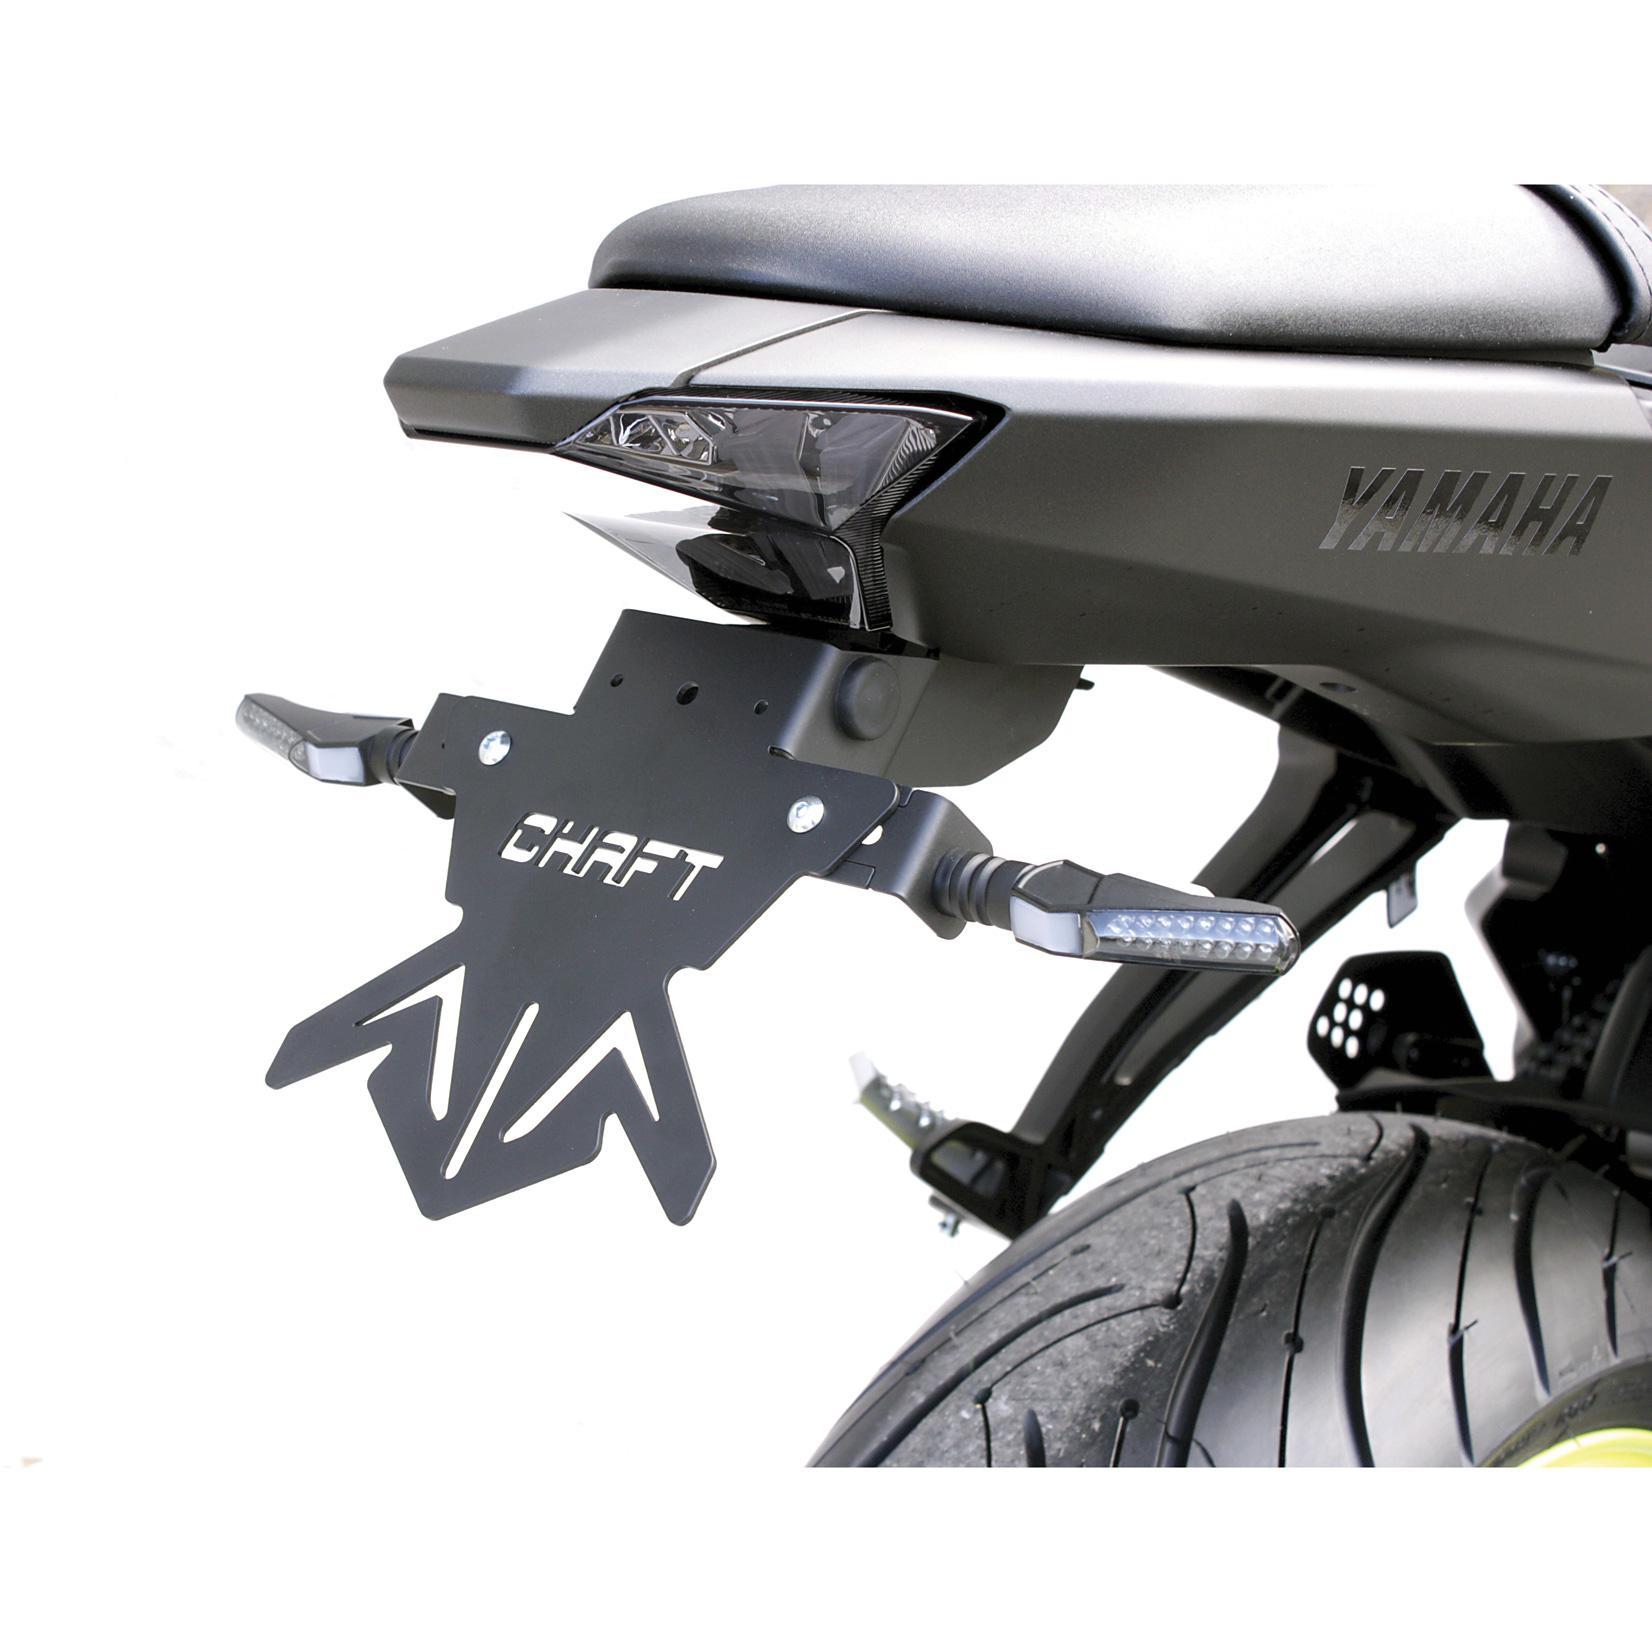 Support de plaque Yamaha MT-07 de 2014 à 2018 CHAFT